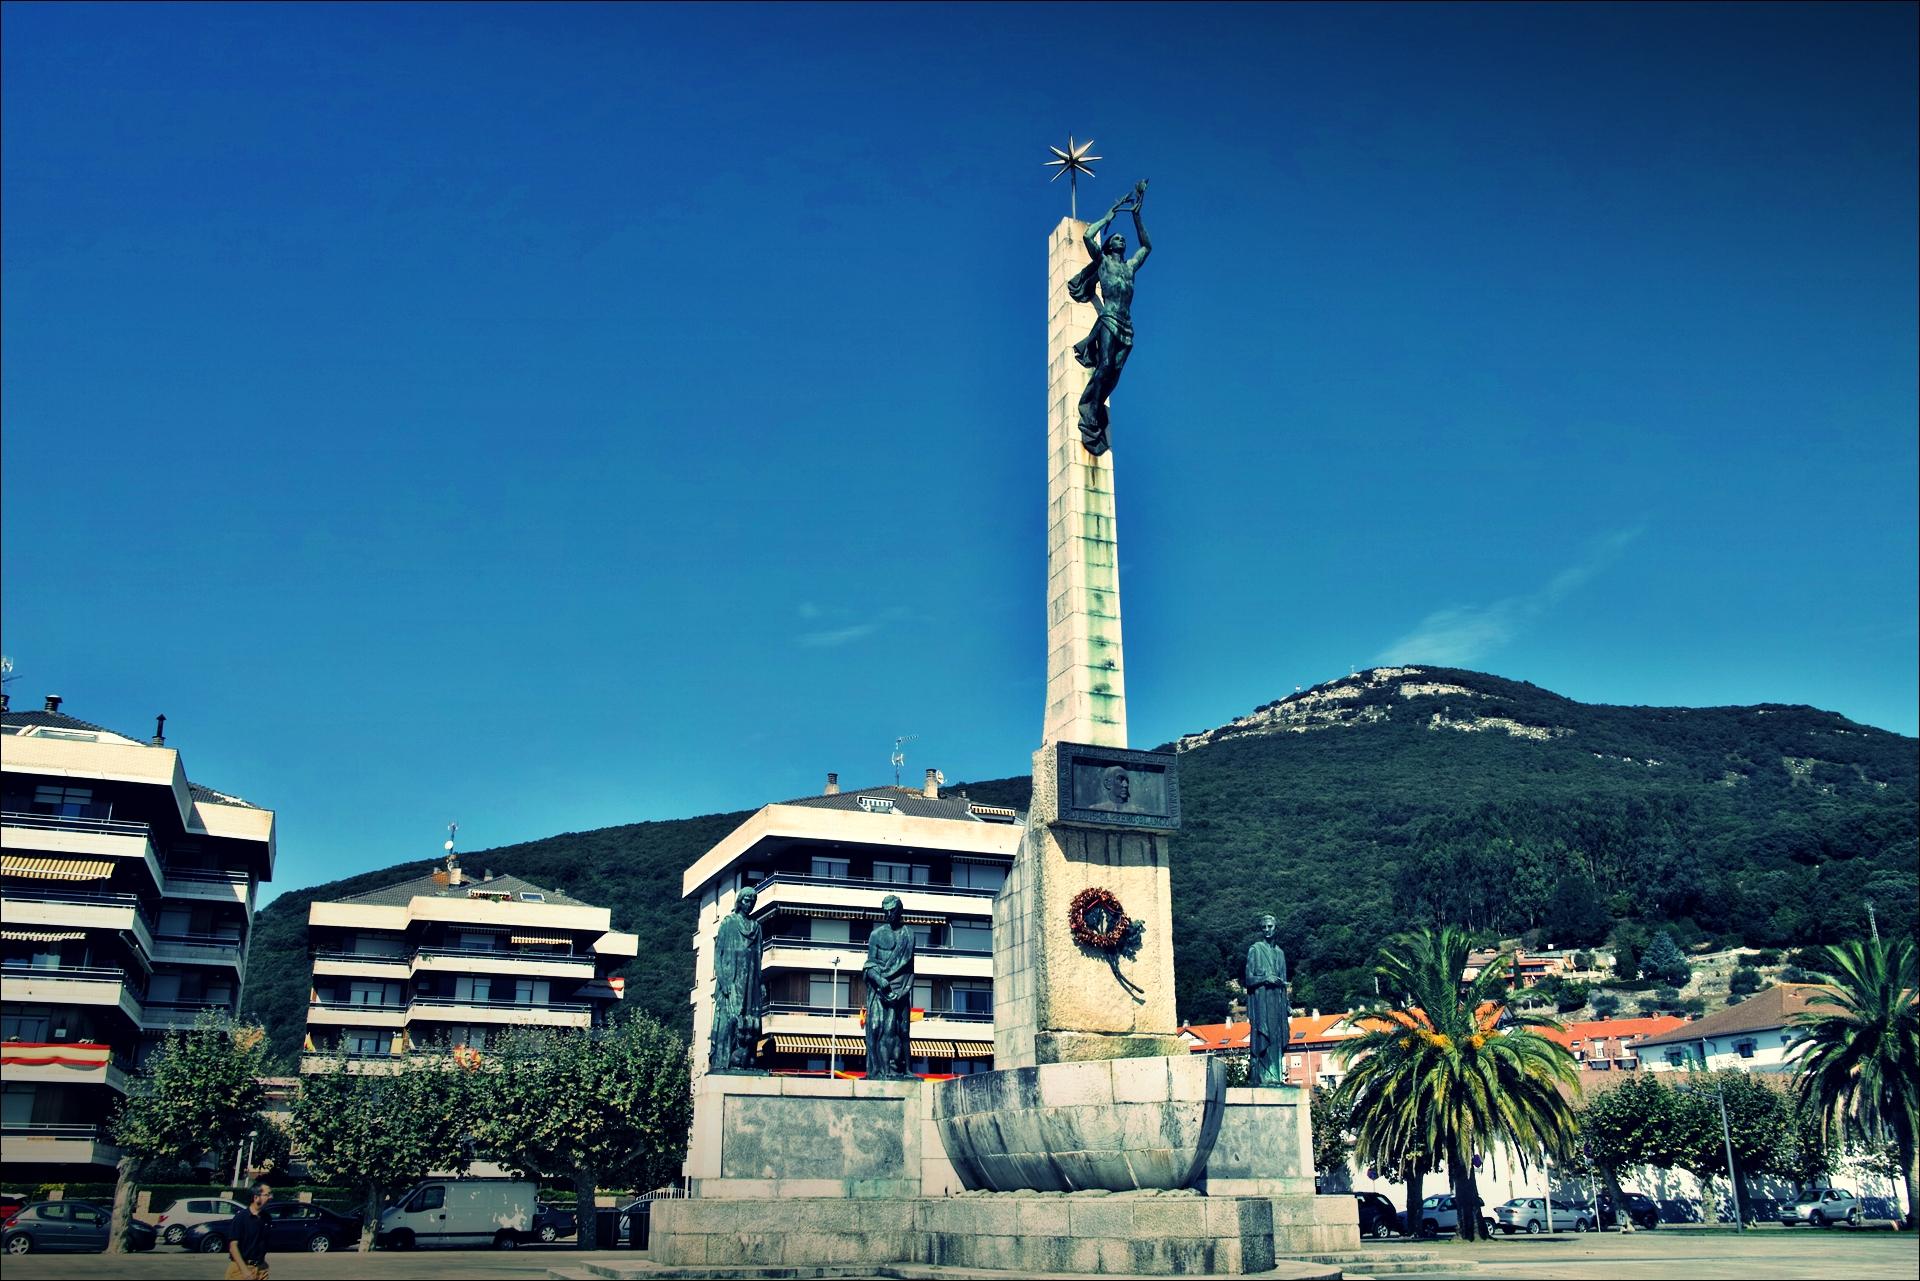 탑-'카미노 데 산티아고 북쪽길. 리엔도에서 산토냐. (Camino del Norte - Liendo to Santoña) '